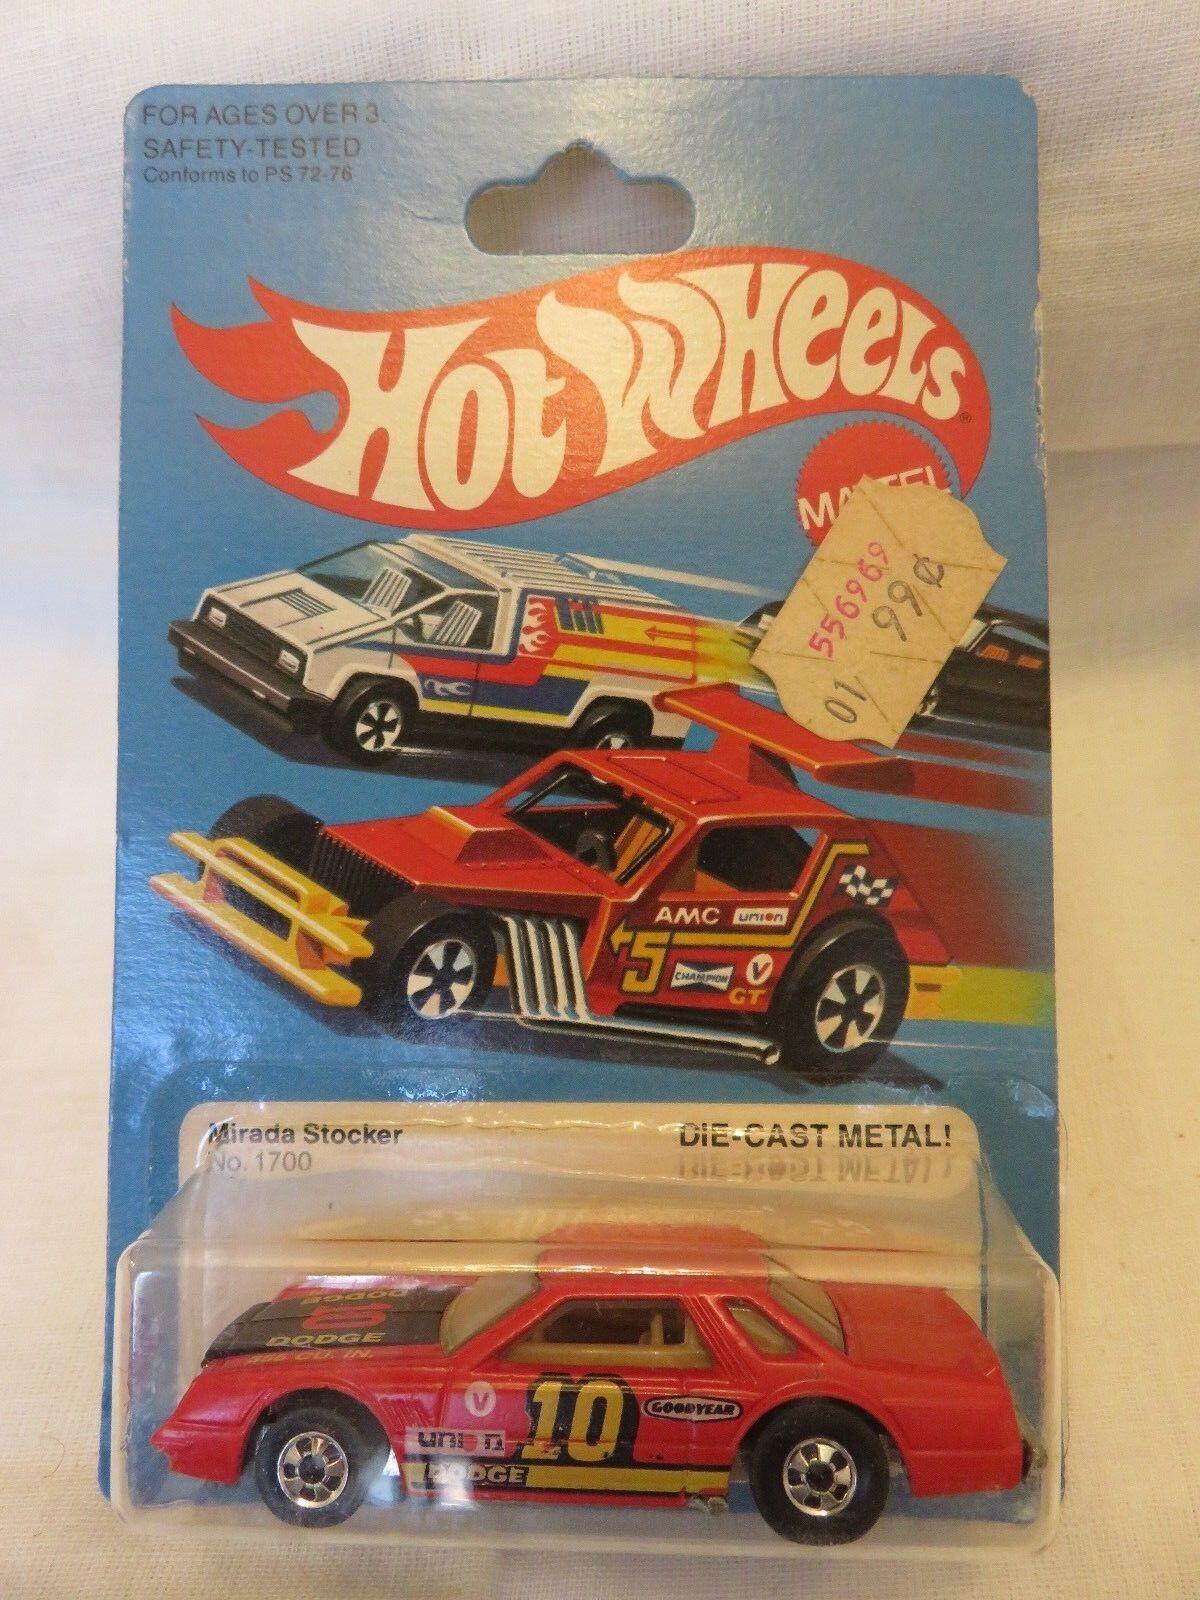 1981 Vintage Hot Wheels Mirada Stocker  10 Red 1700 Hong Kong Die-Cast Metal A